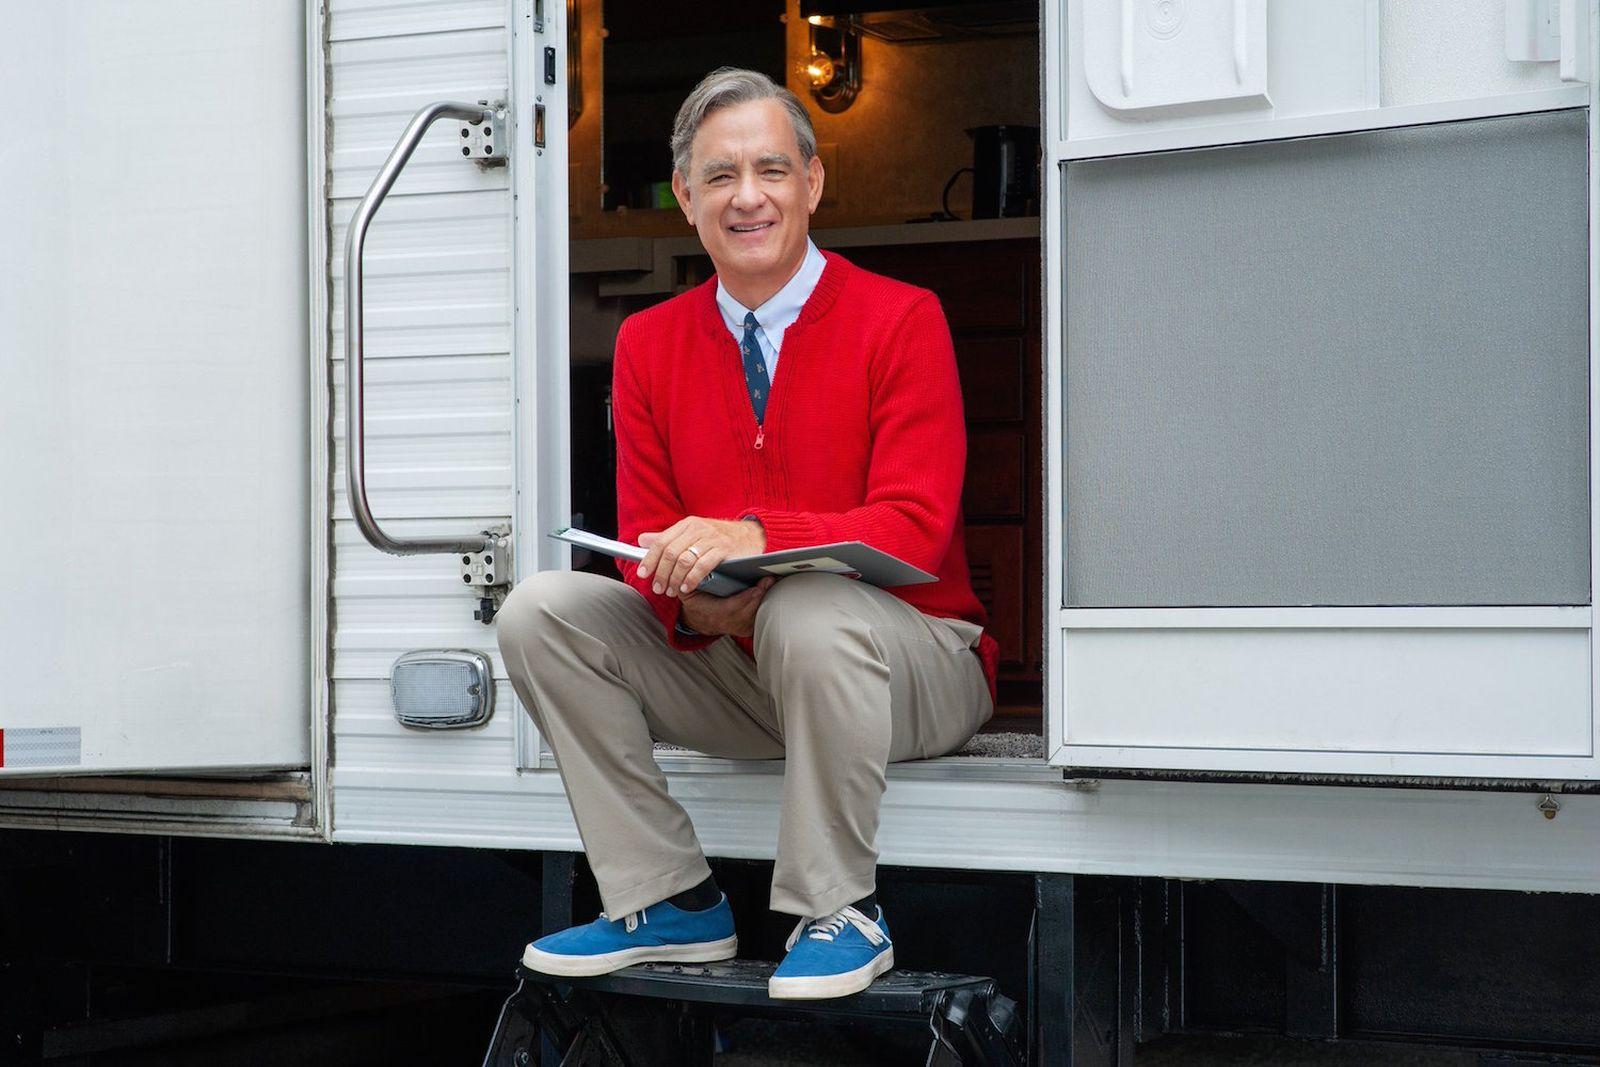 tom hanks mister rogers Mr. Rogers